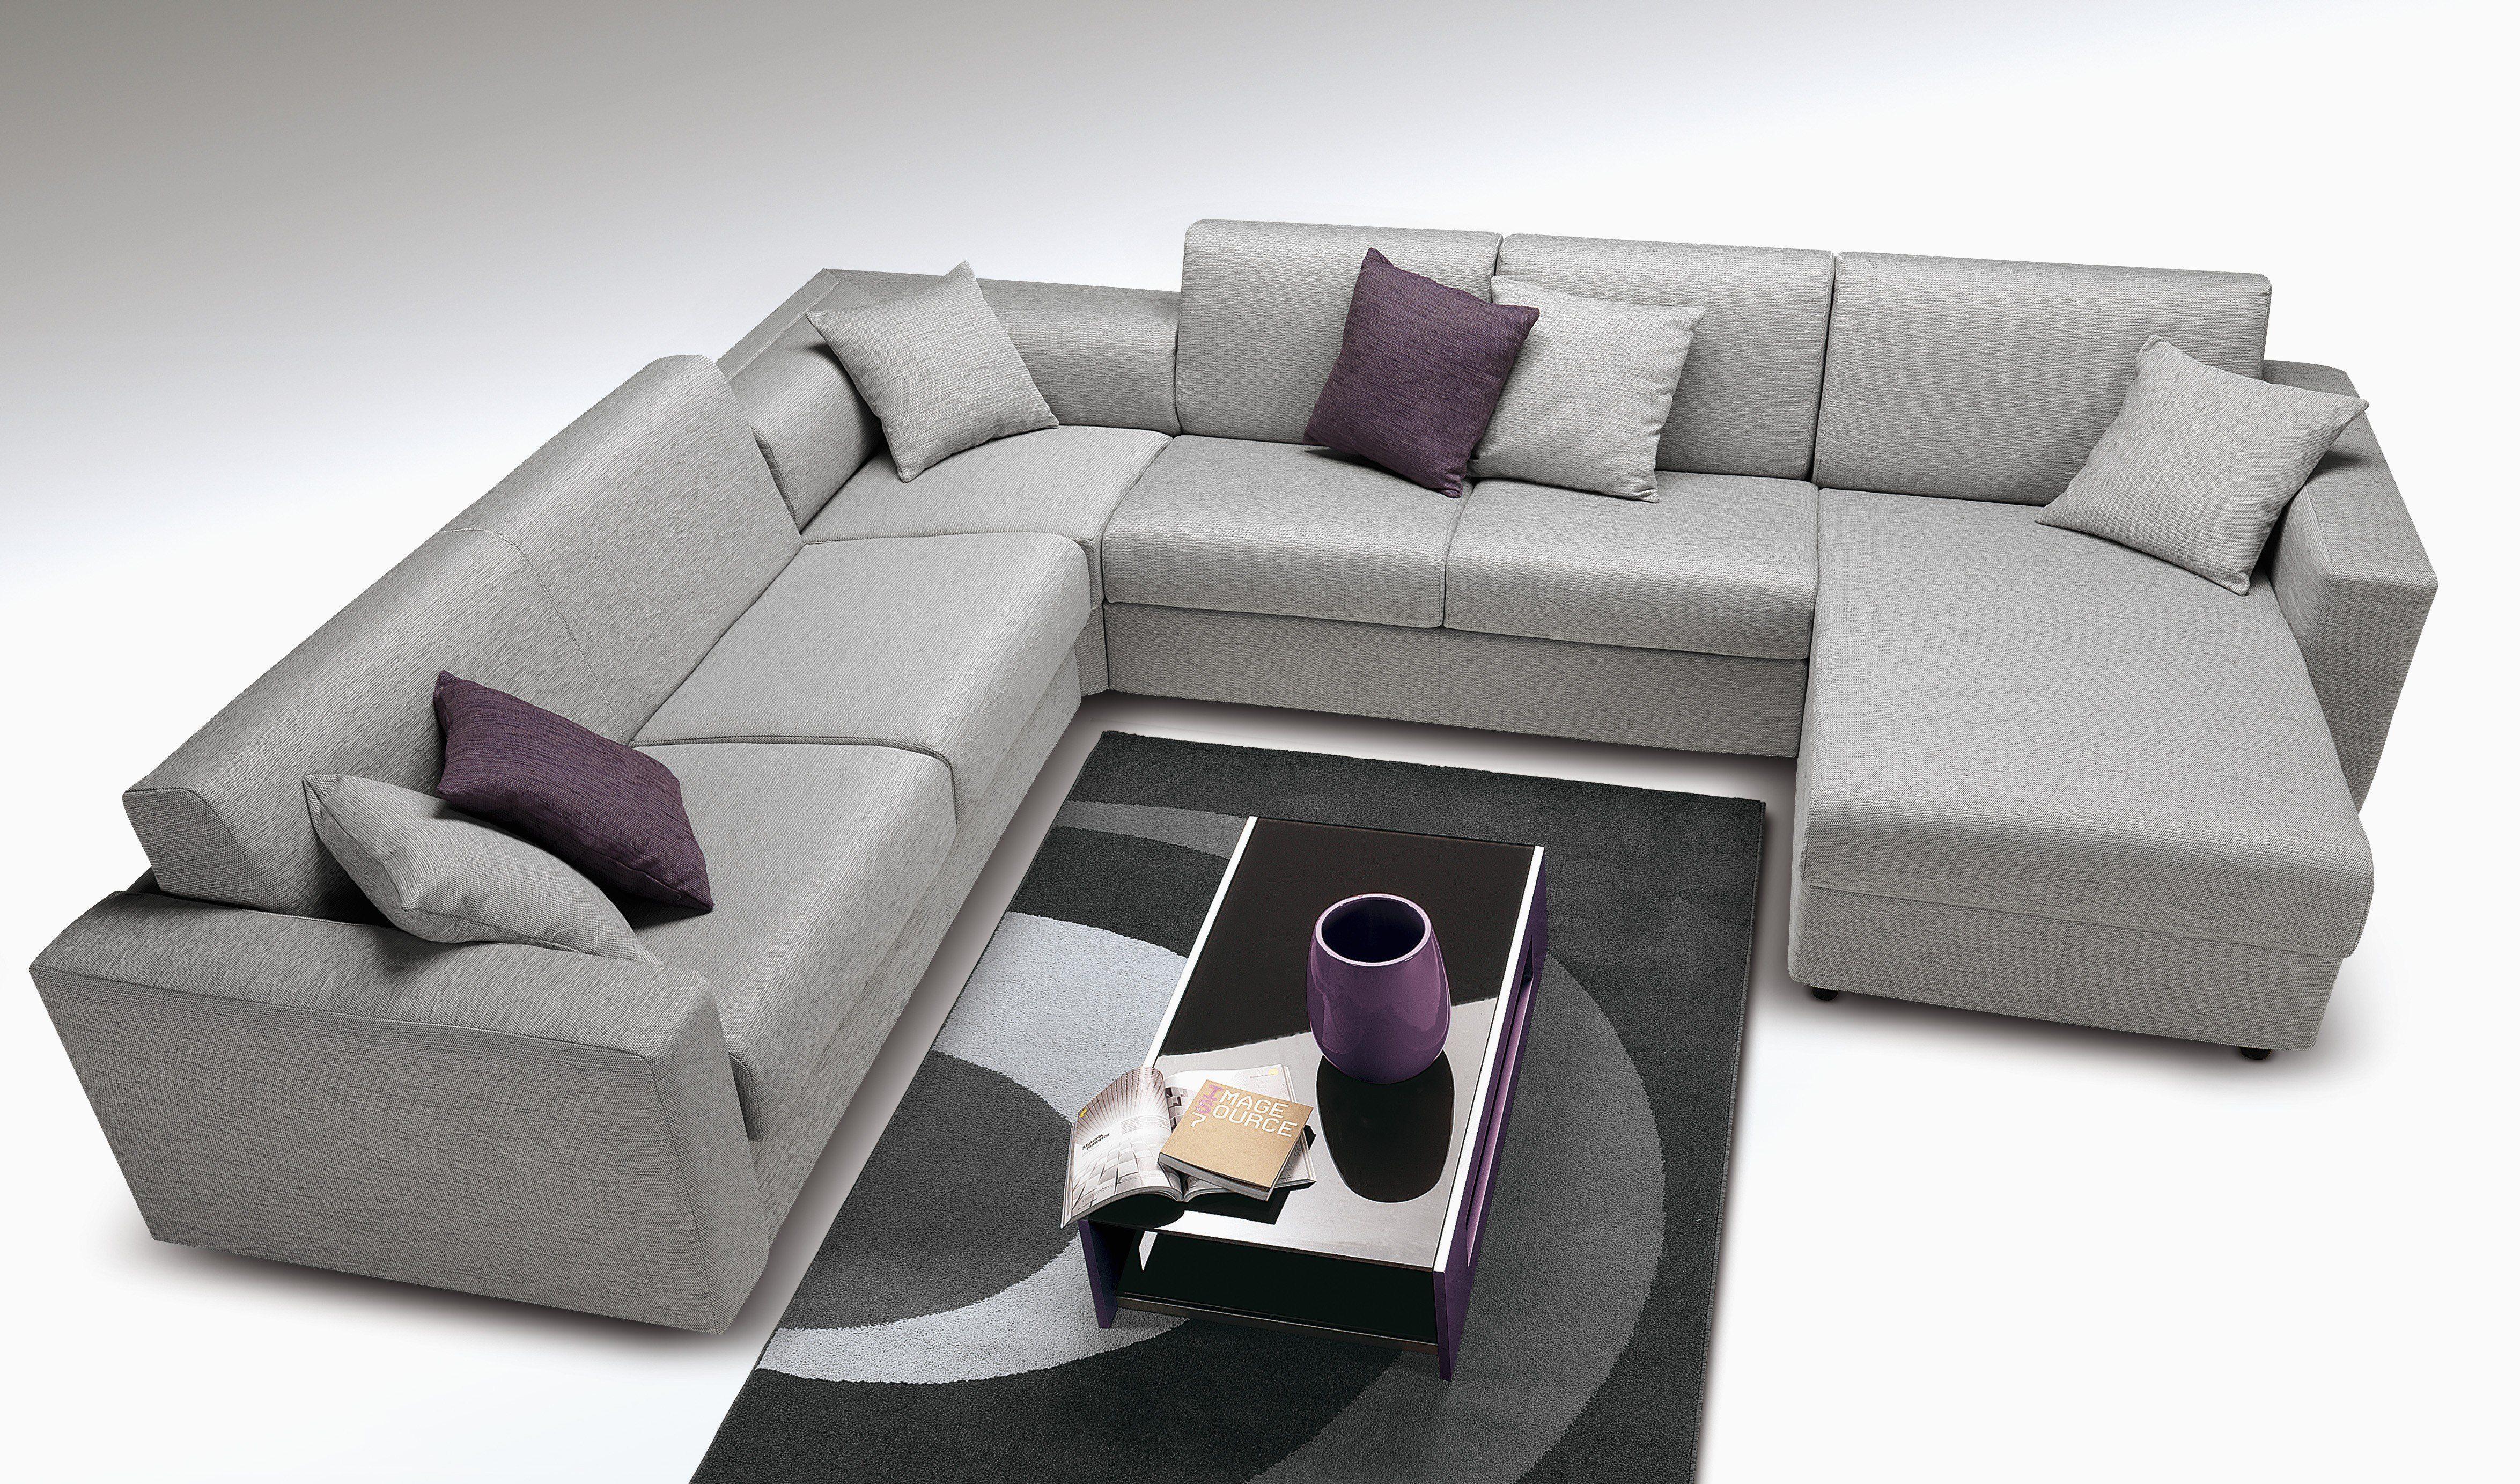 Lit Fer forgé 1 Place Luxe Lit Canapé Gigogne Unique Canapé Lit Design – Arturotoscanini